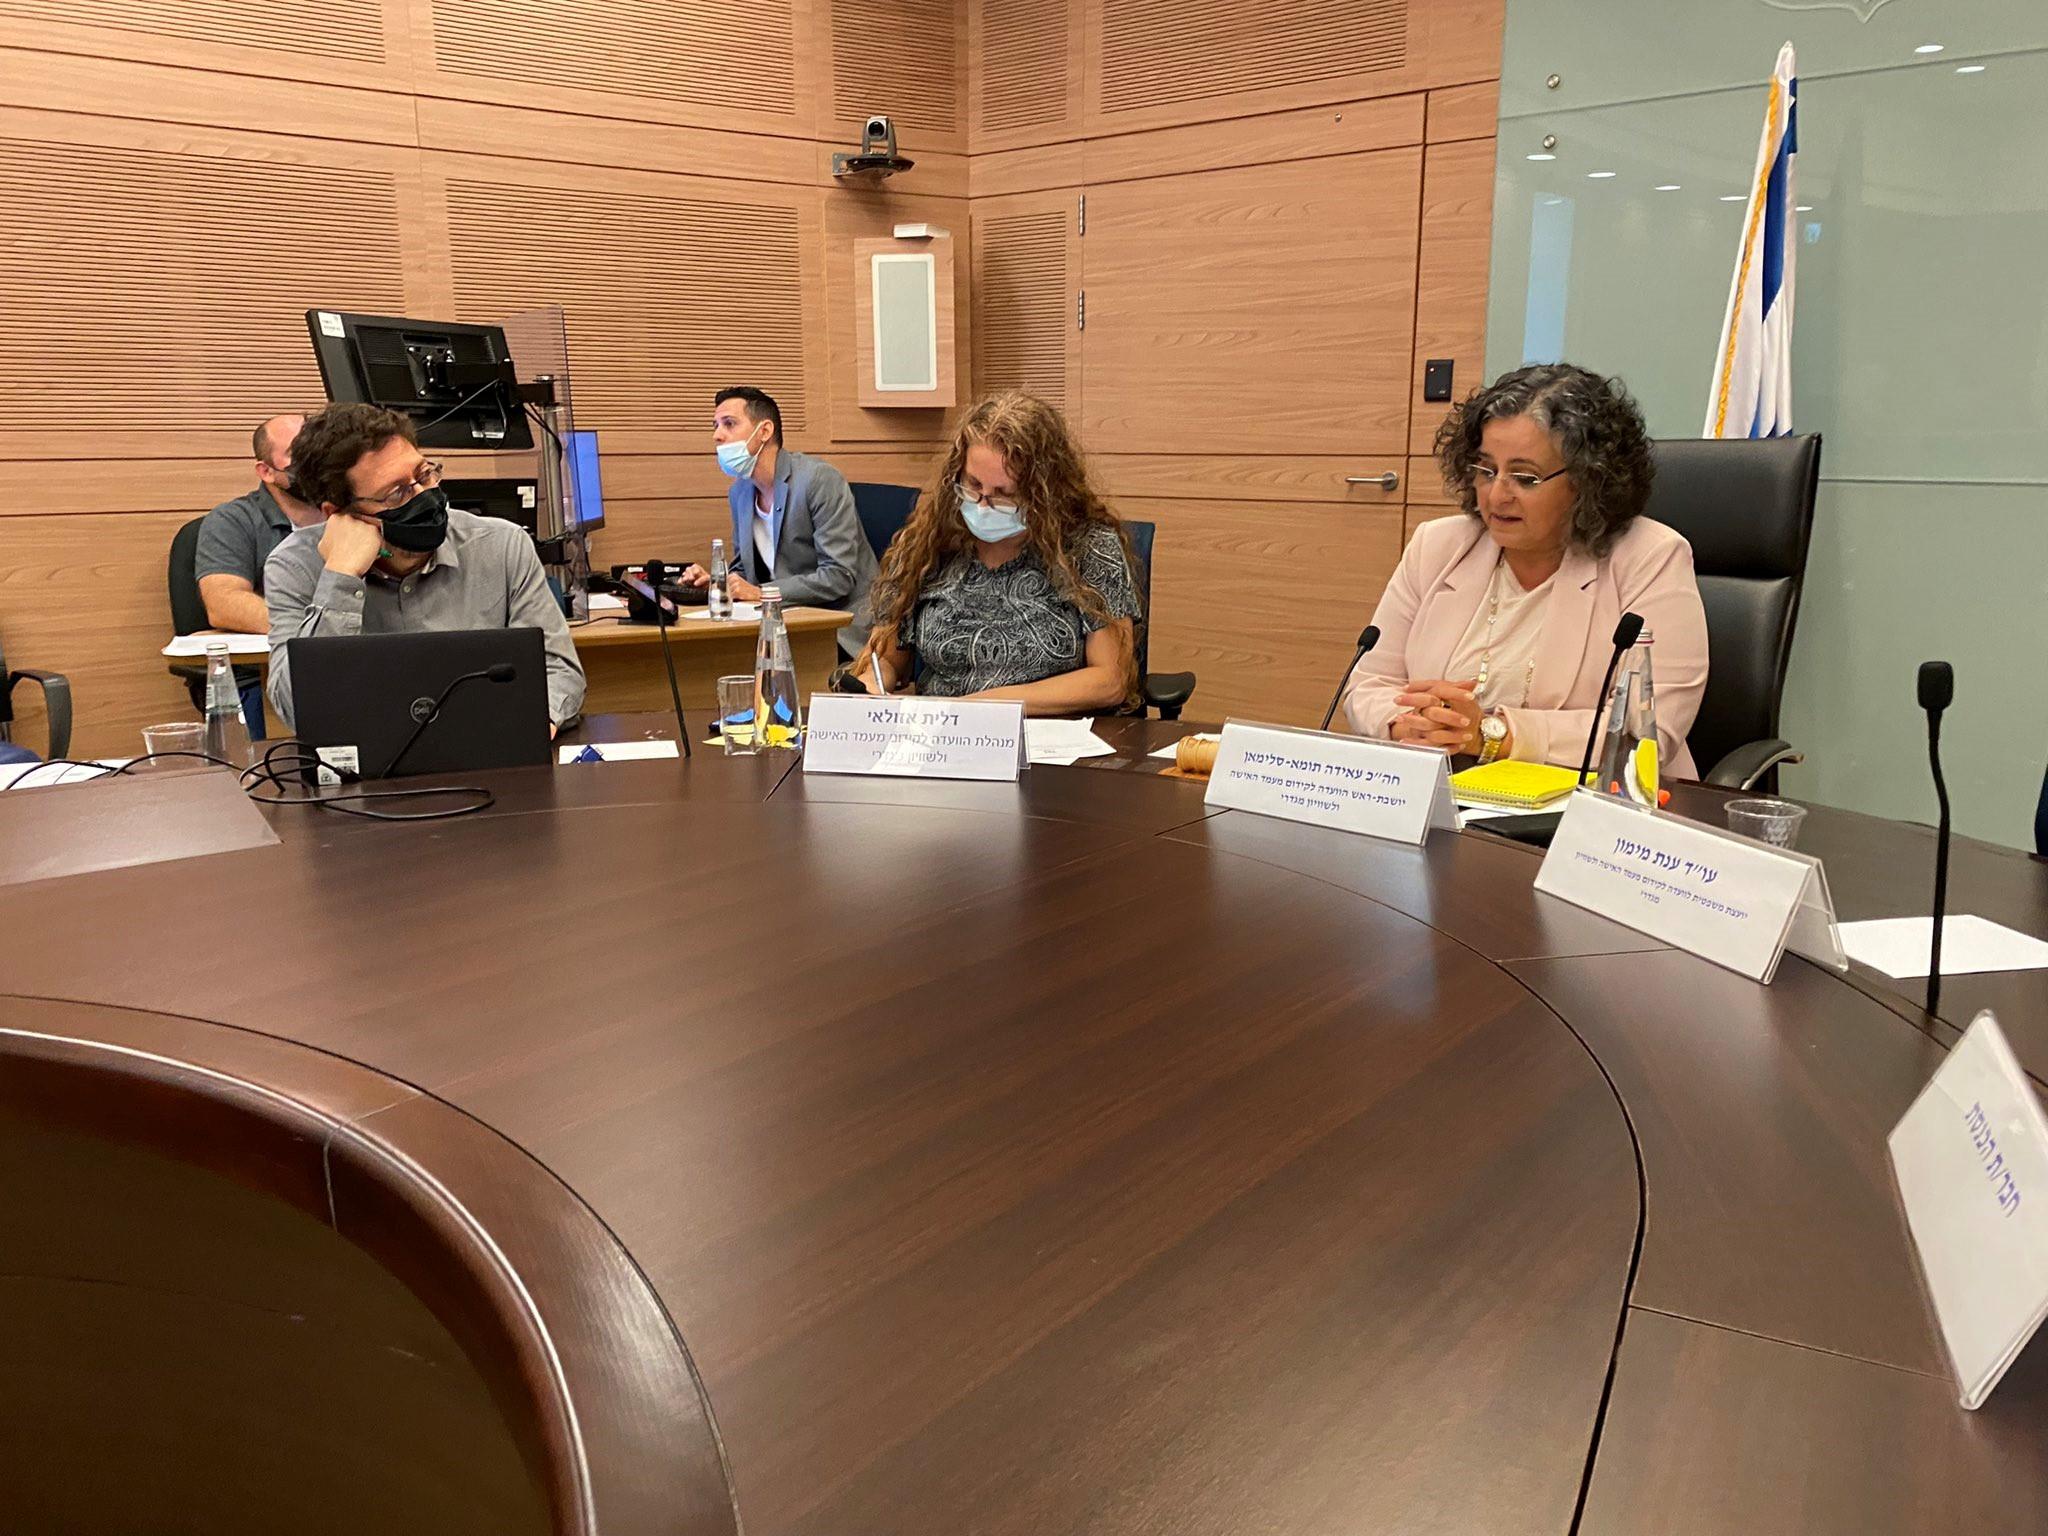 ישיבה ראשונה של הוועדה למעמד האשה: מודאגות מהשלכות תקציב המדינה החדש